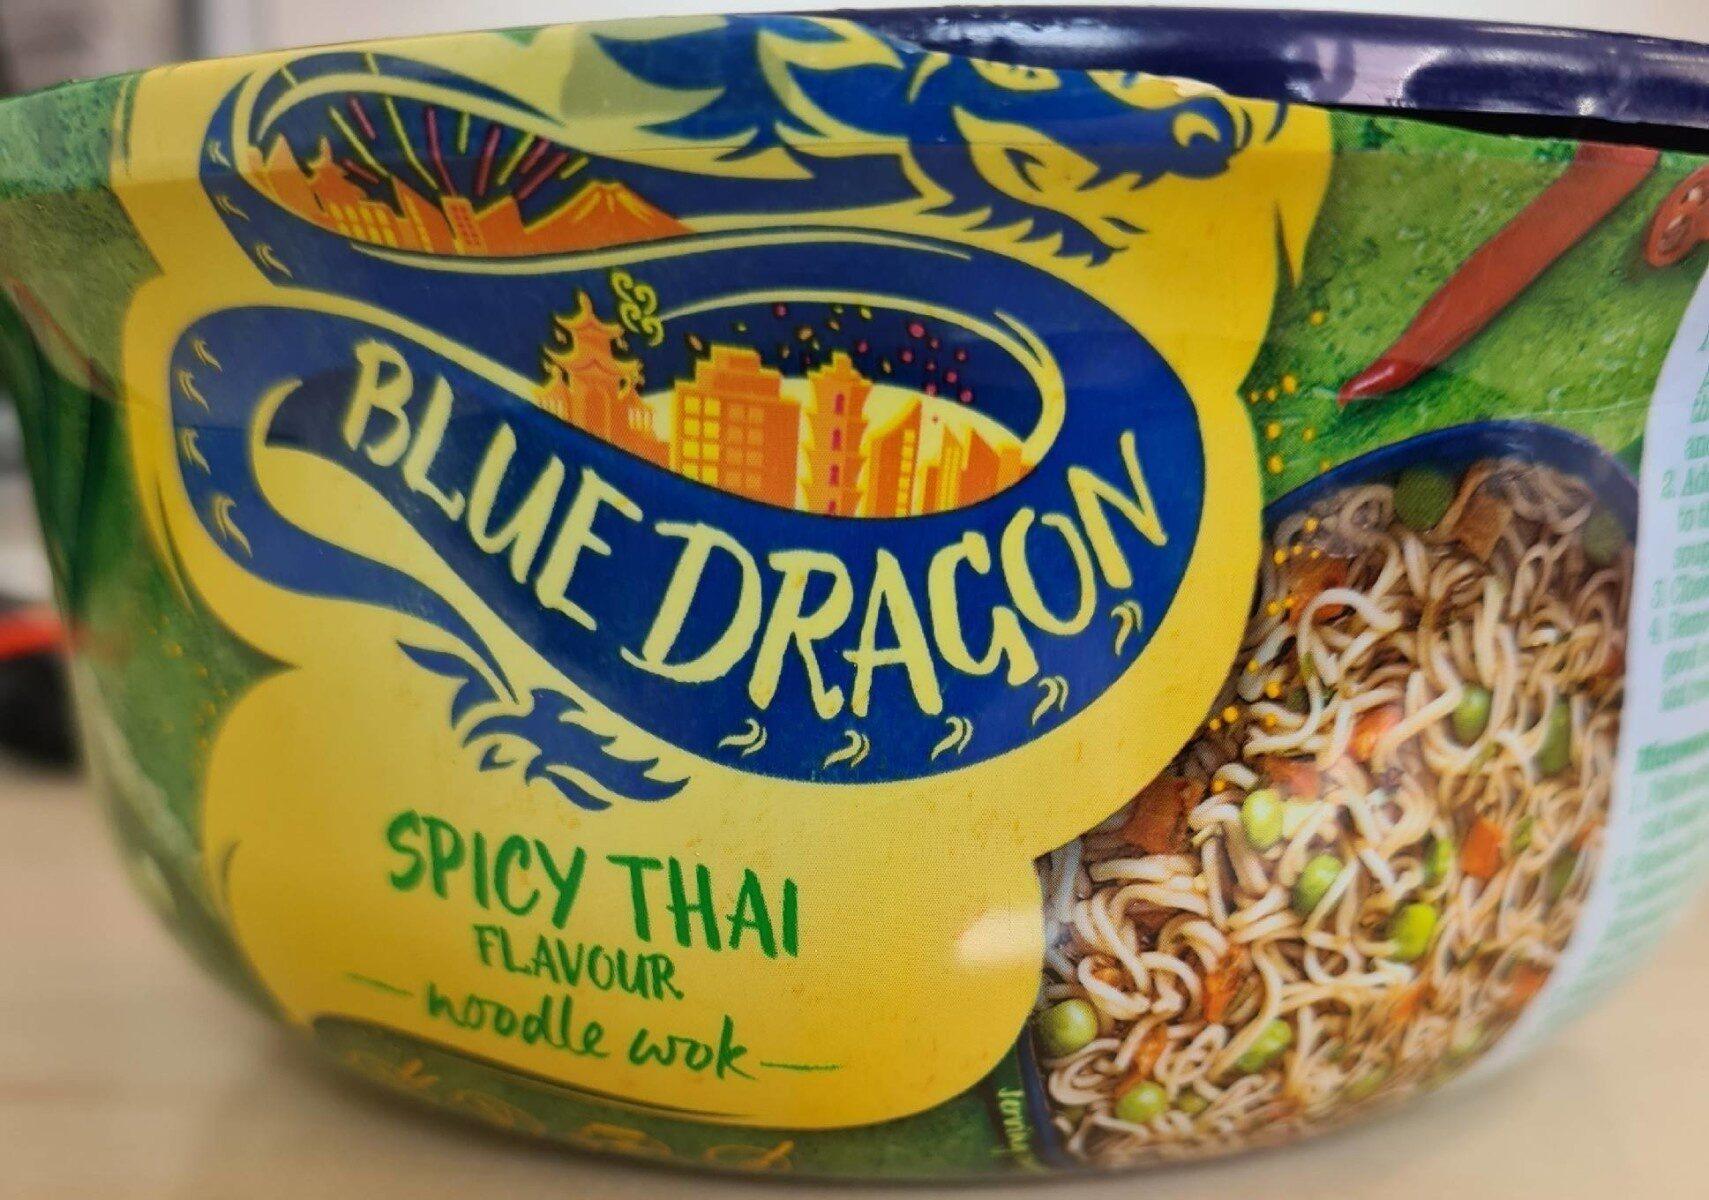 Spicy Thai flavour - Product - en